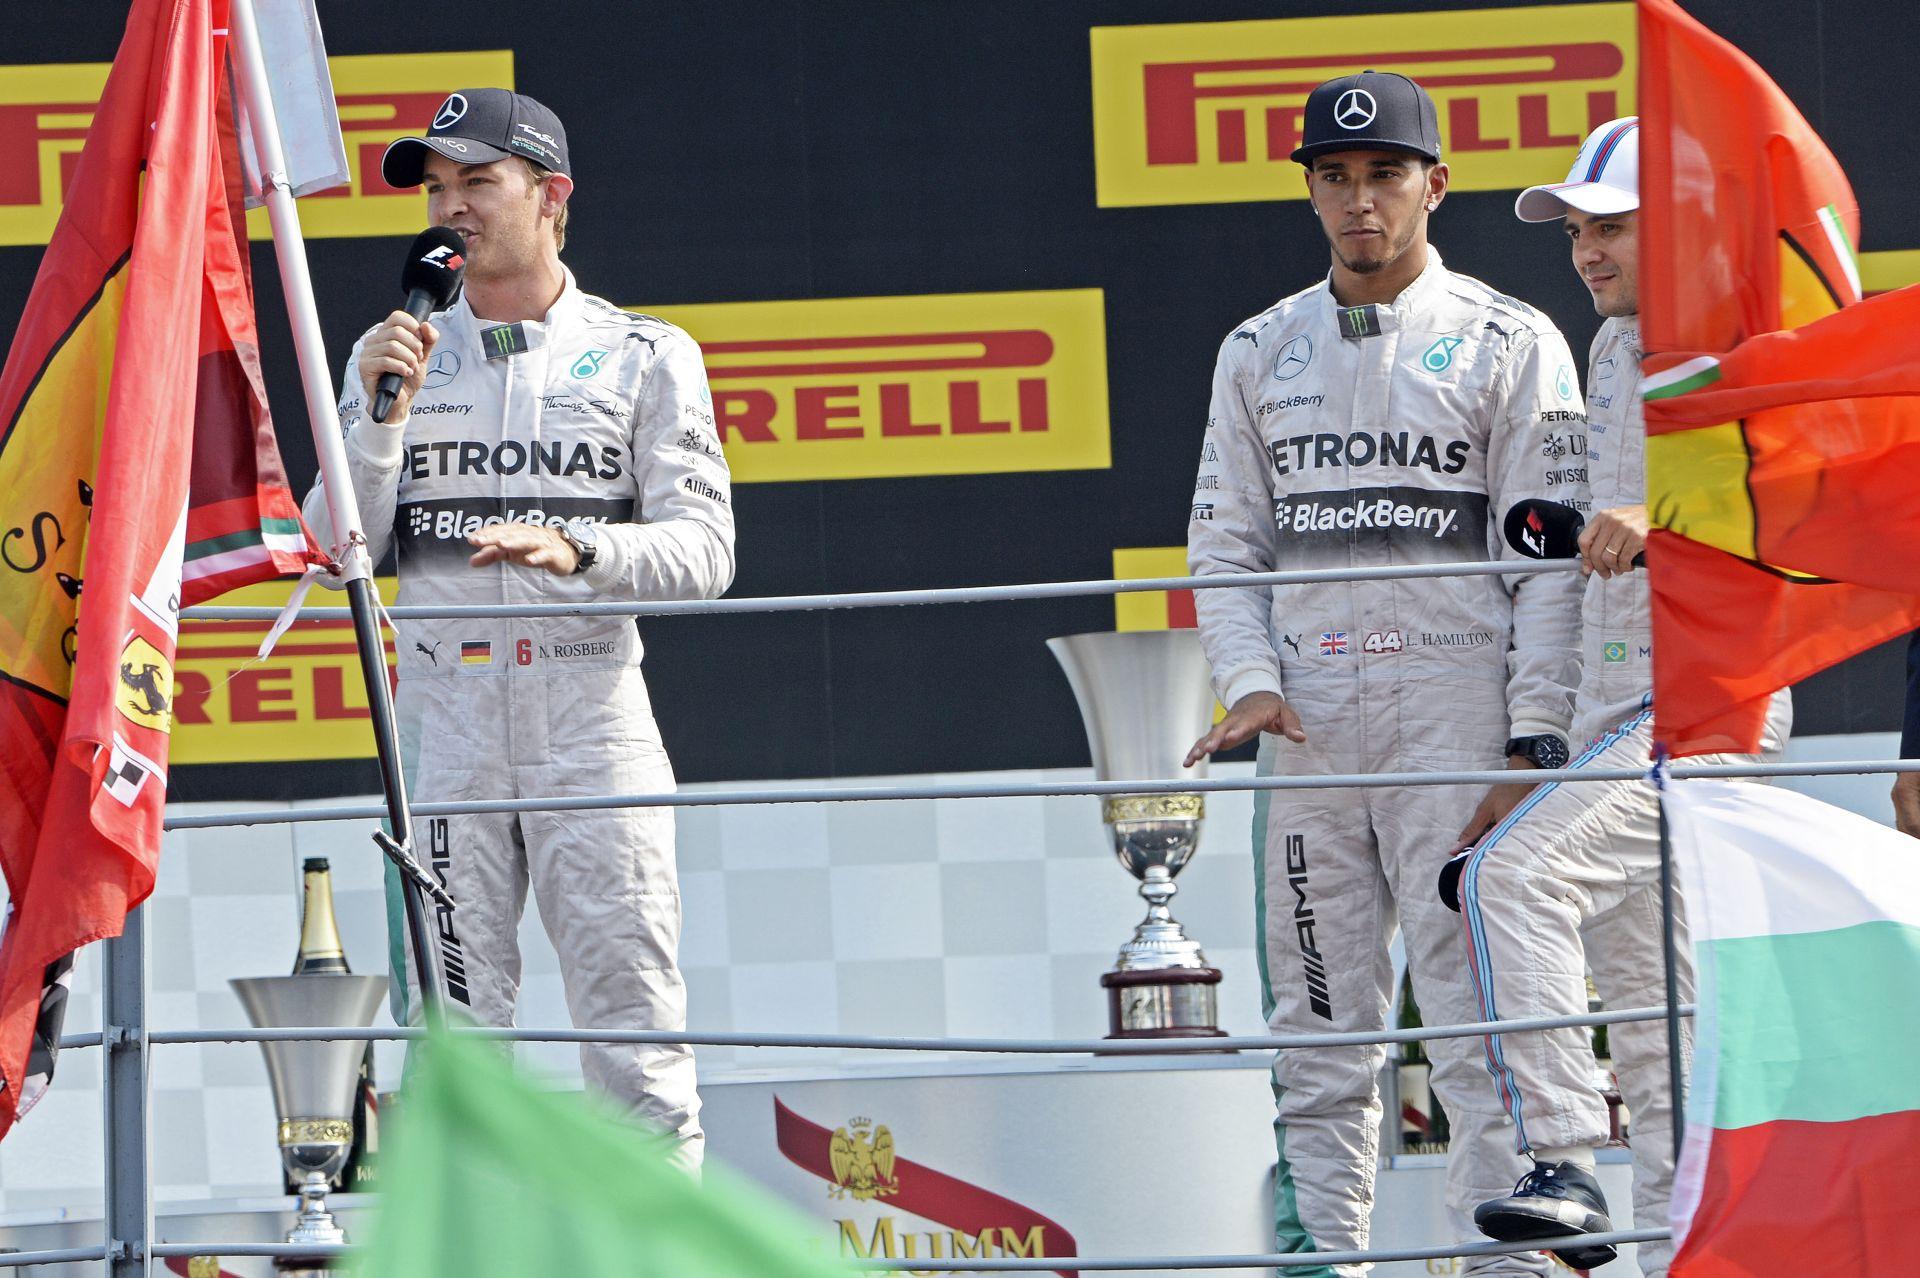 Csak idő kérdése, hogy Hamilton és Rosberg mikor esik egymásnak a Mercedesnél? Utcai harc!